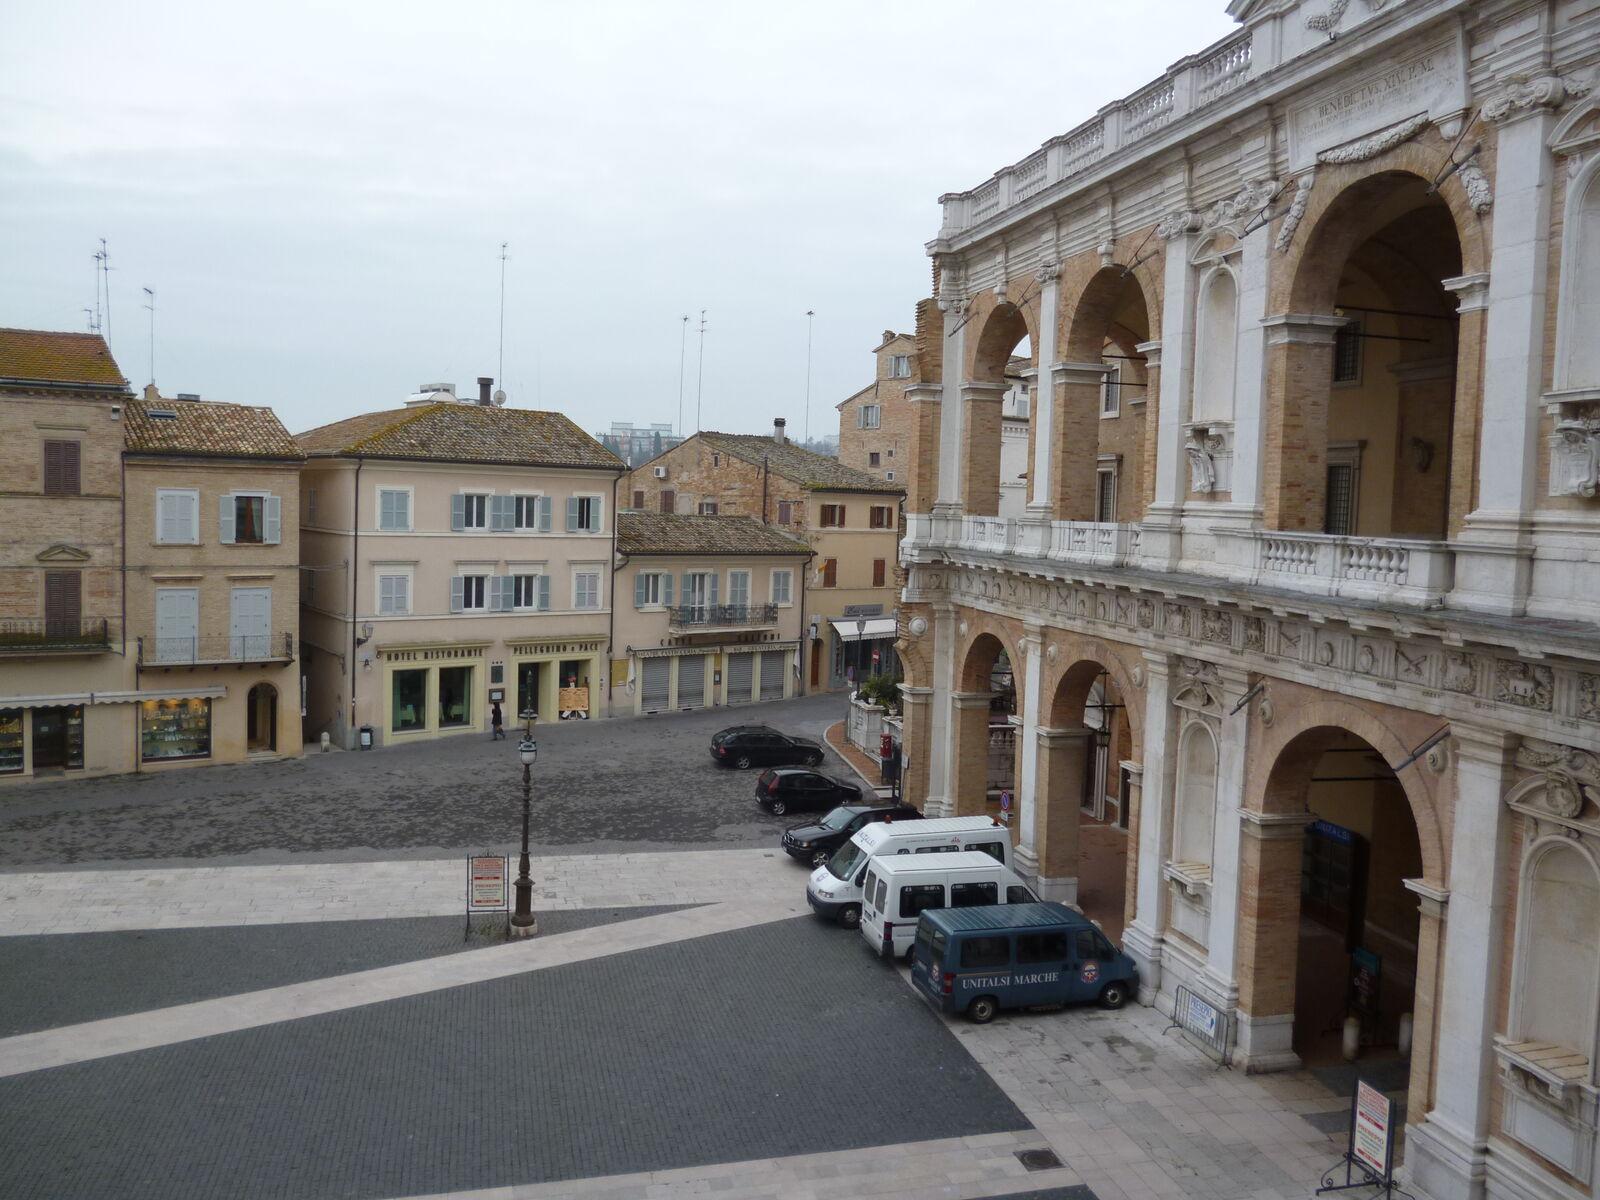 美術館 : イタリア芸術を楽しむ